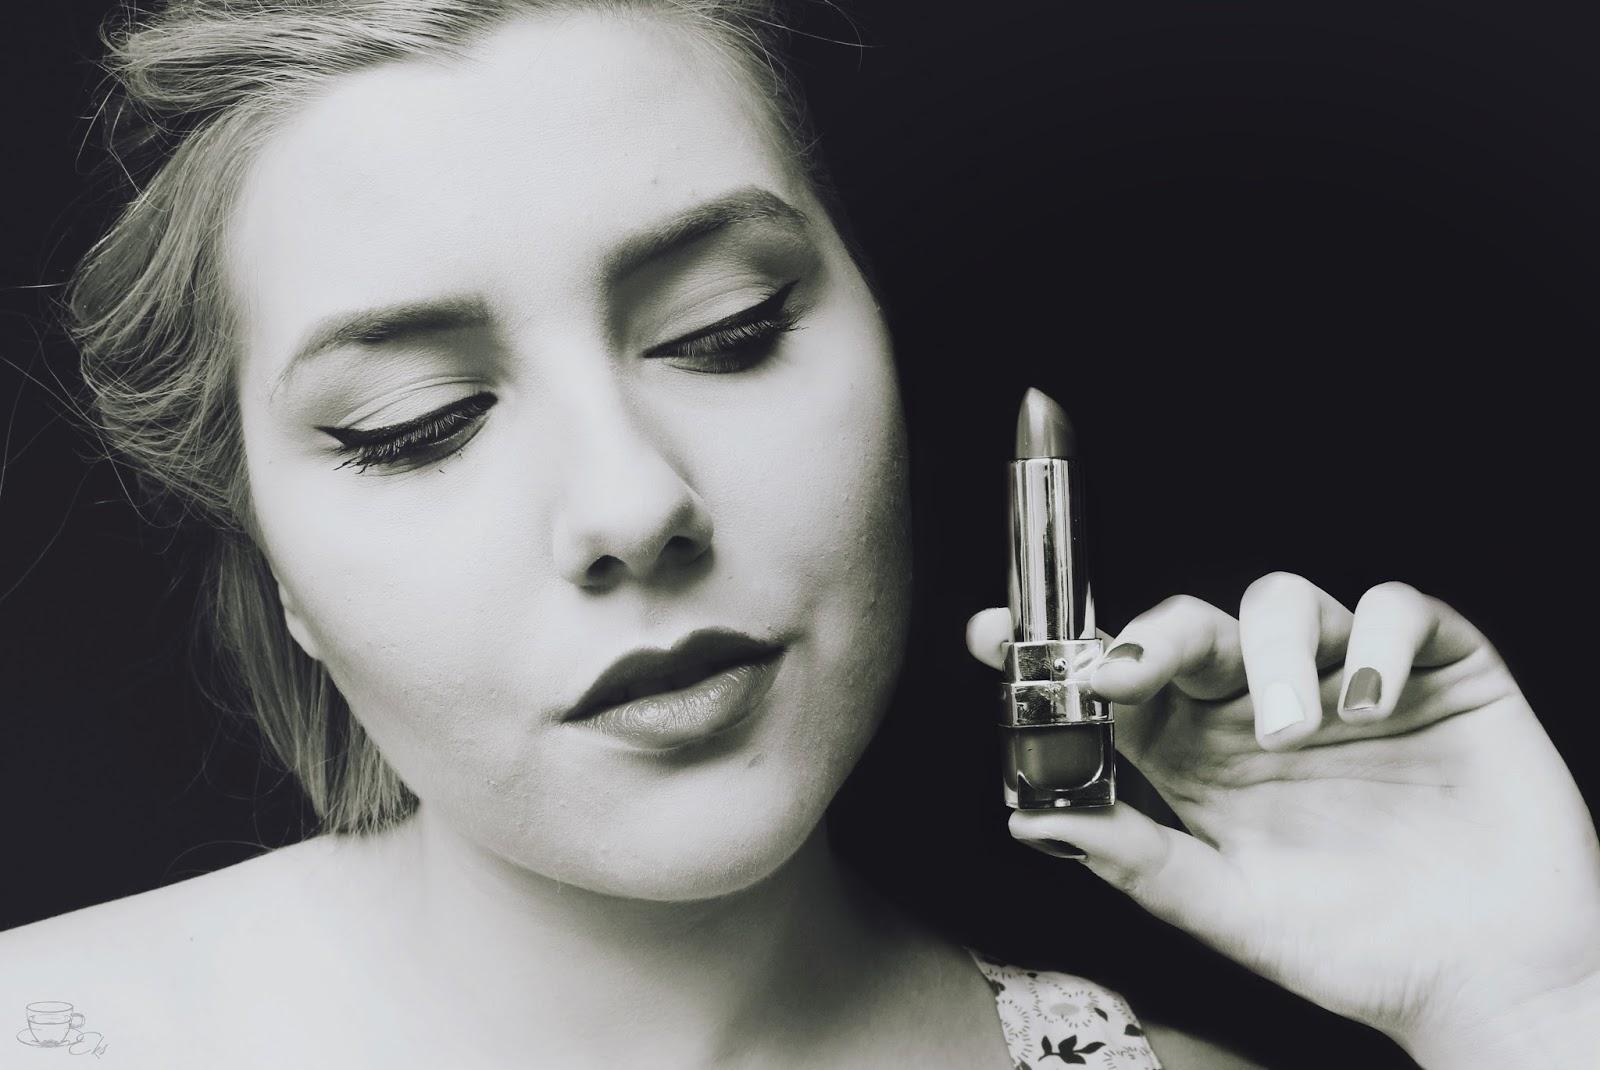 Kocie kreski, ekstrawagancki makijaż czarno-białych filmów